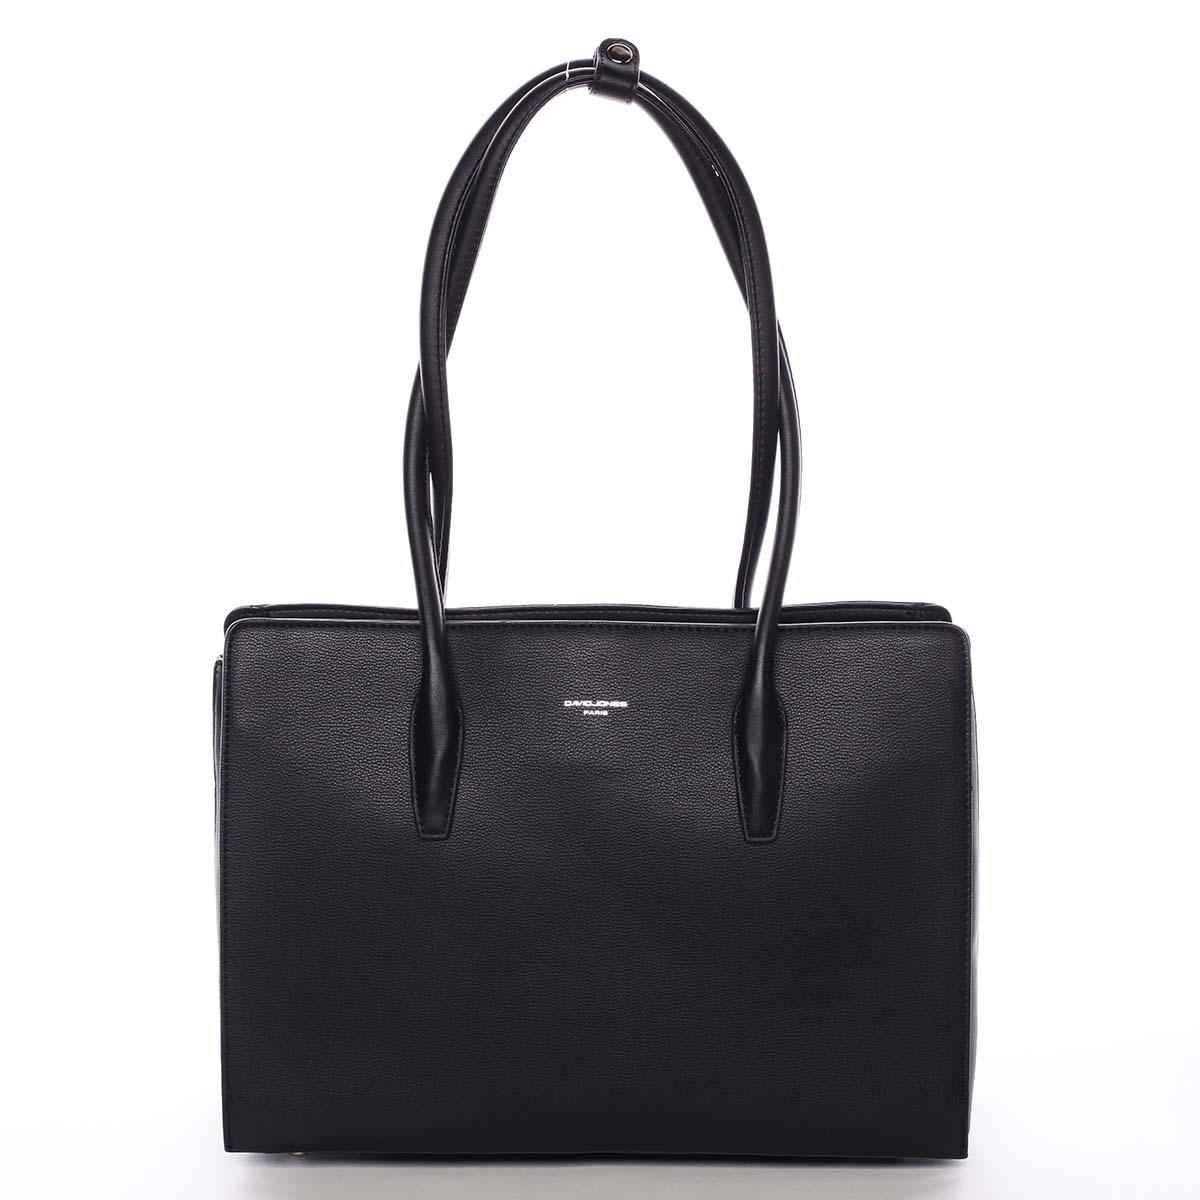 Veľká dámska kabelka cez rameno čierna - David Jones Adalgisa čierna